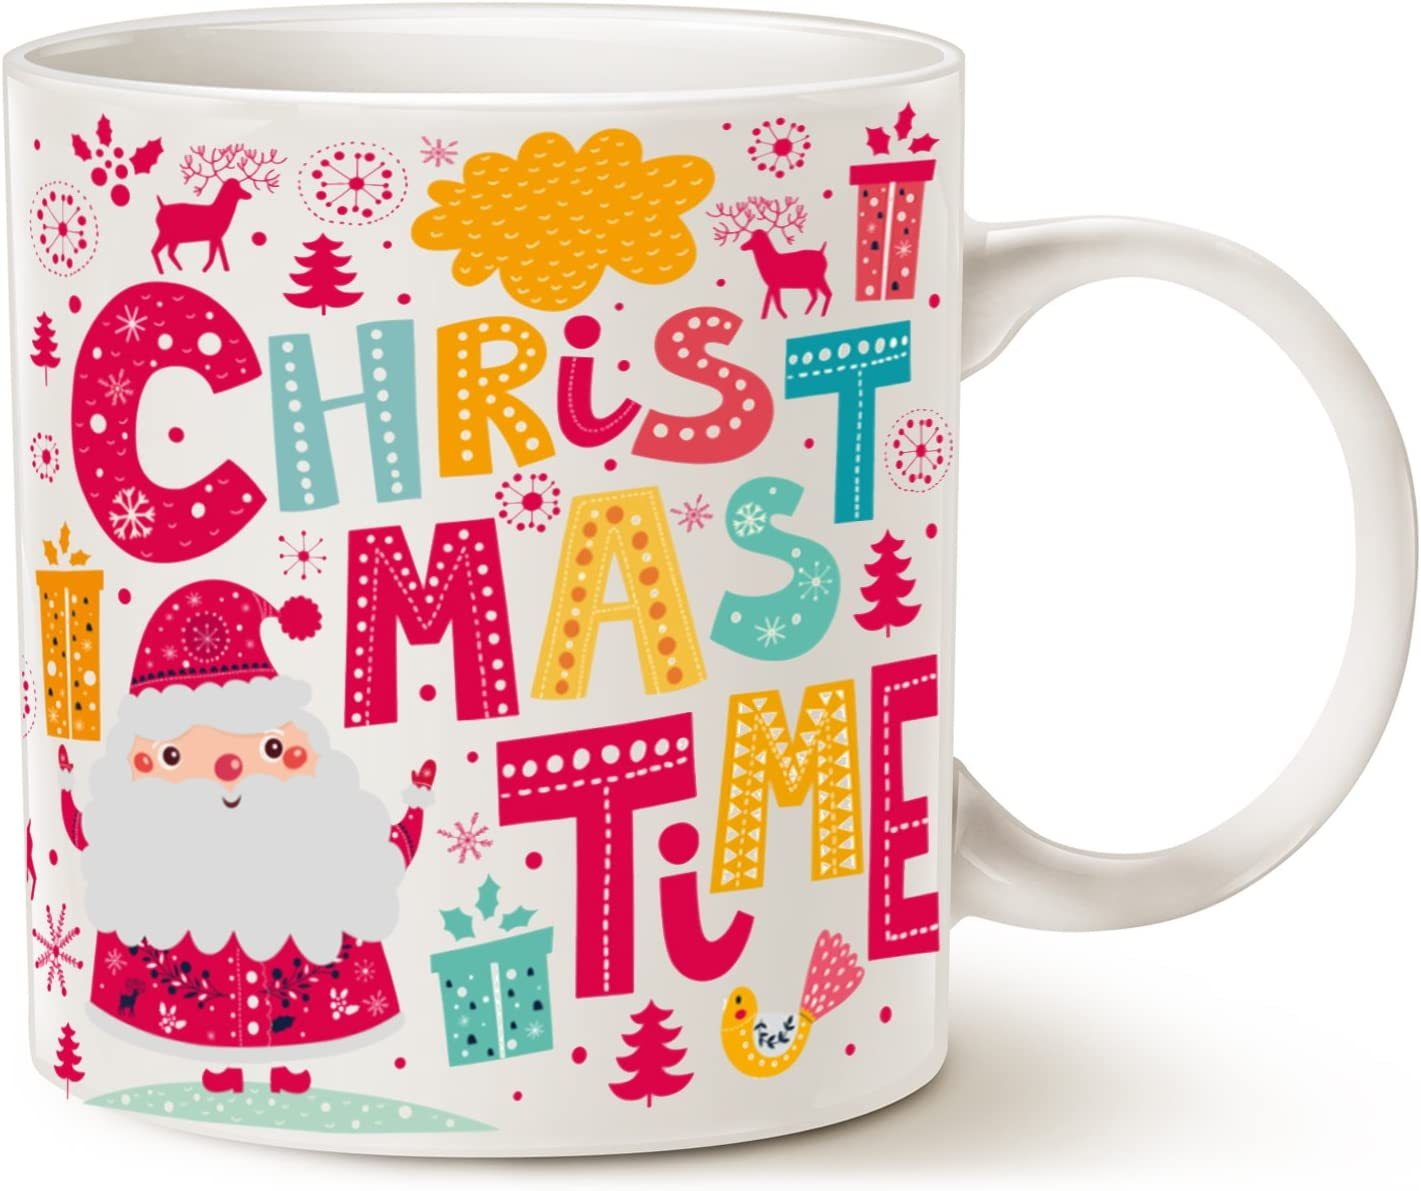 MAUAG Santa Claus Funny Coffee Mug Unique Christmas Gifts -CHRISTMAS TIME Ceramic Cup  White 14Oz by LaTazas